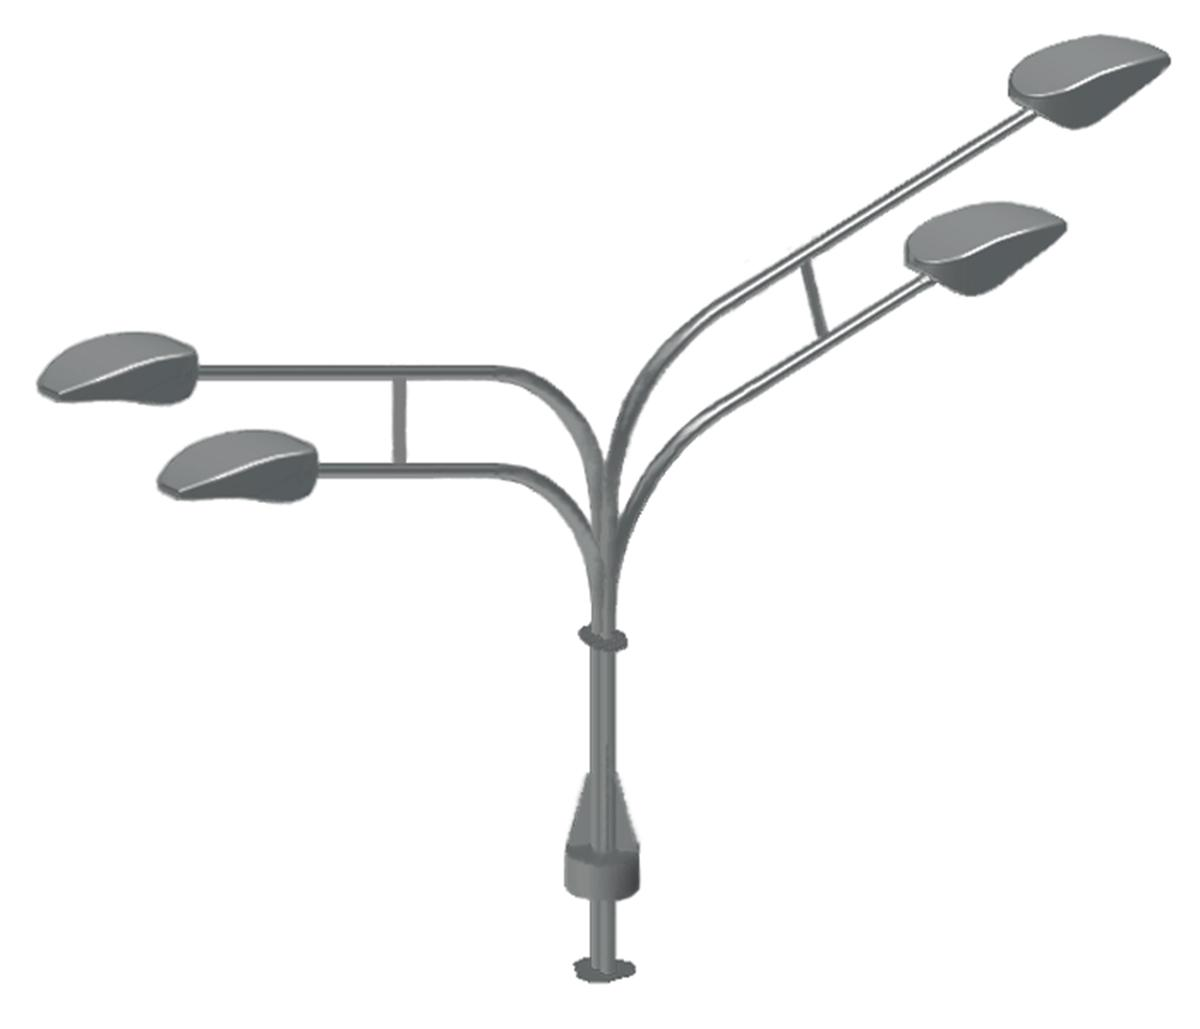 Кронштейн четырехрожковый, разнонаправленный для трубчатых силовых опор ОСТ